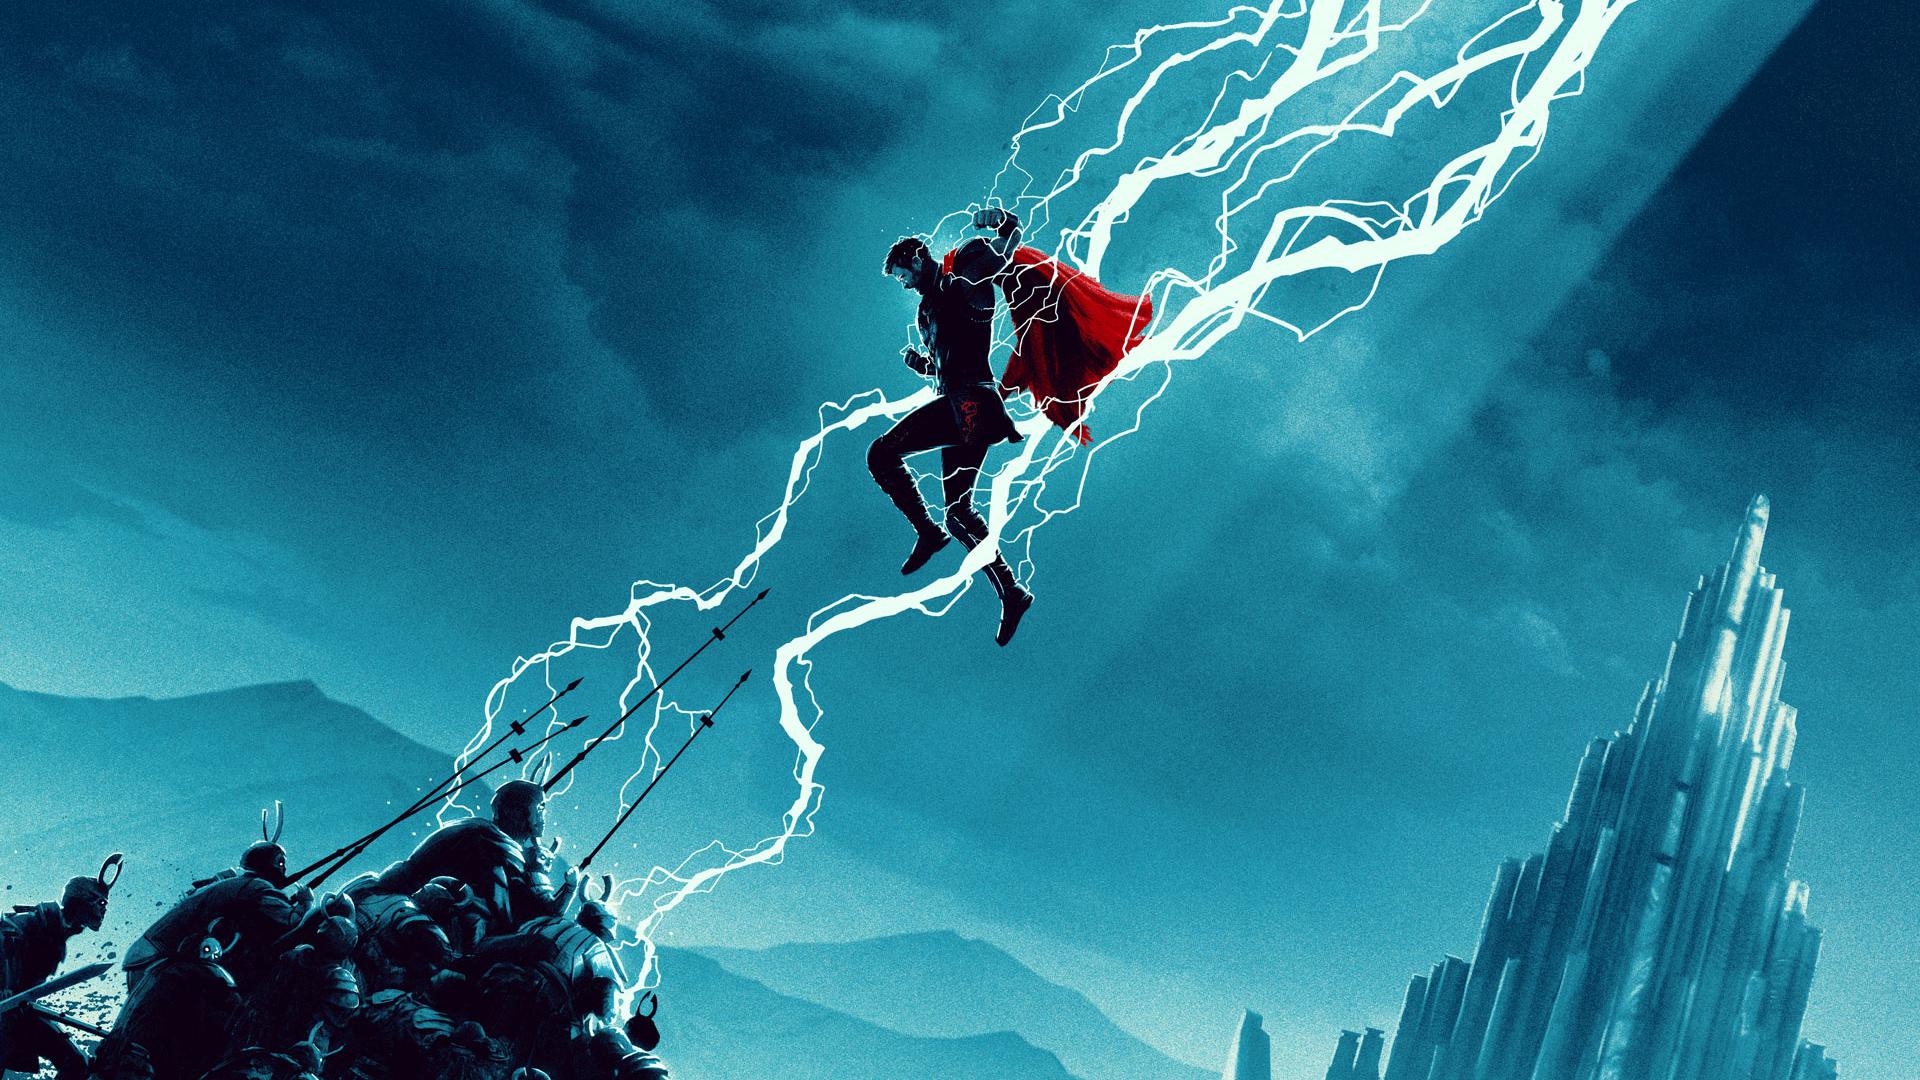 Wallpaper Thor 2 The Dark World Thor Ragnarok Avengers Endgame